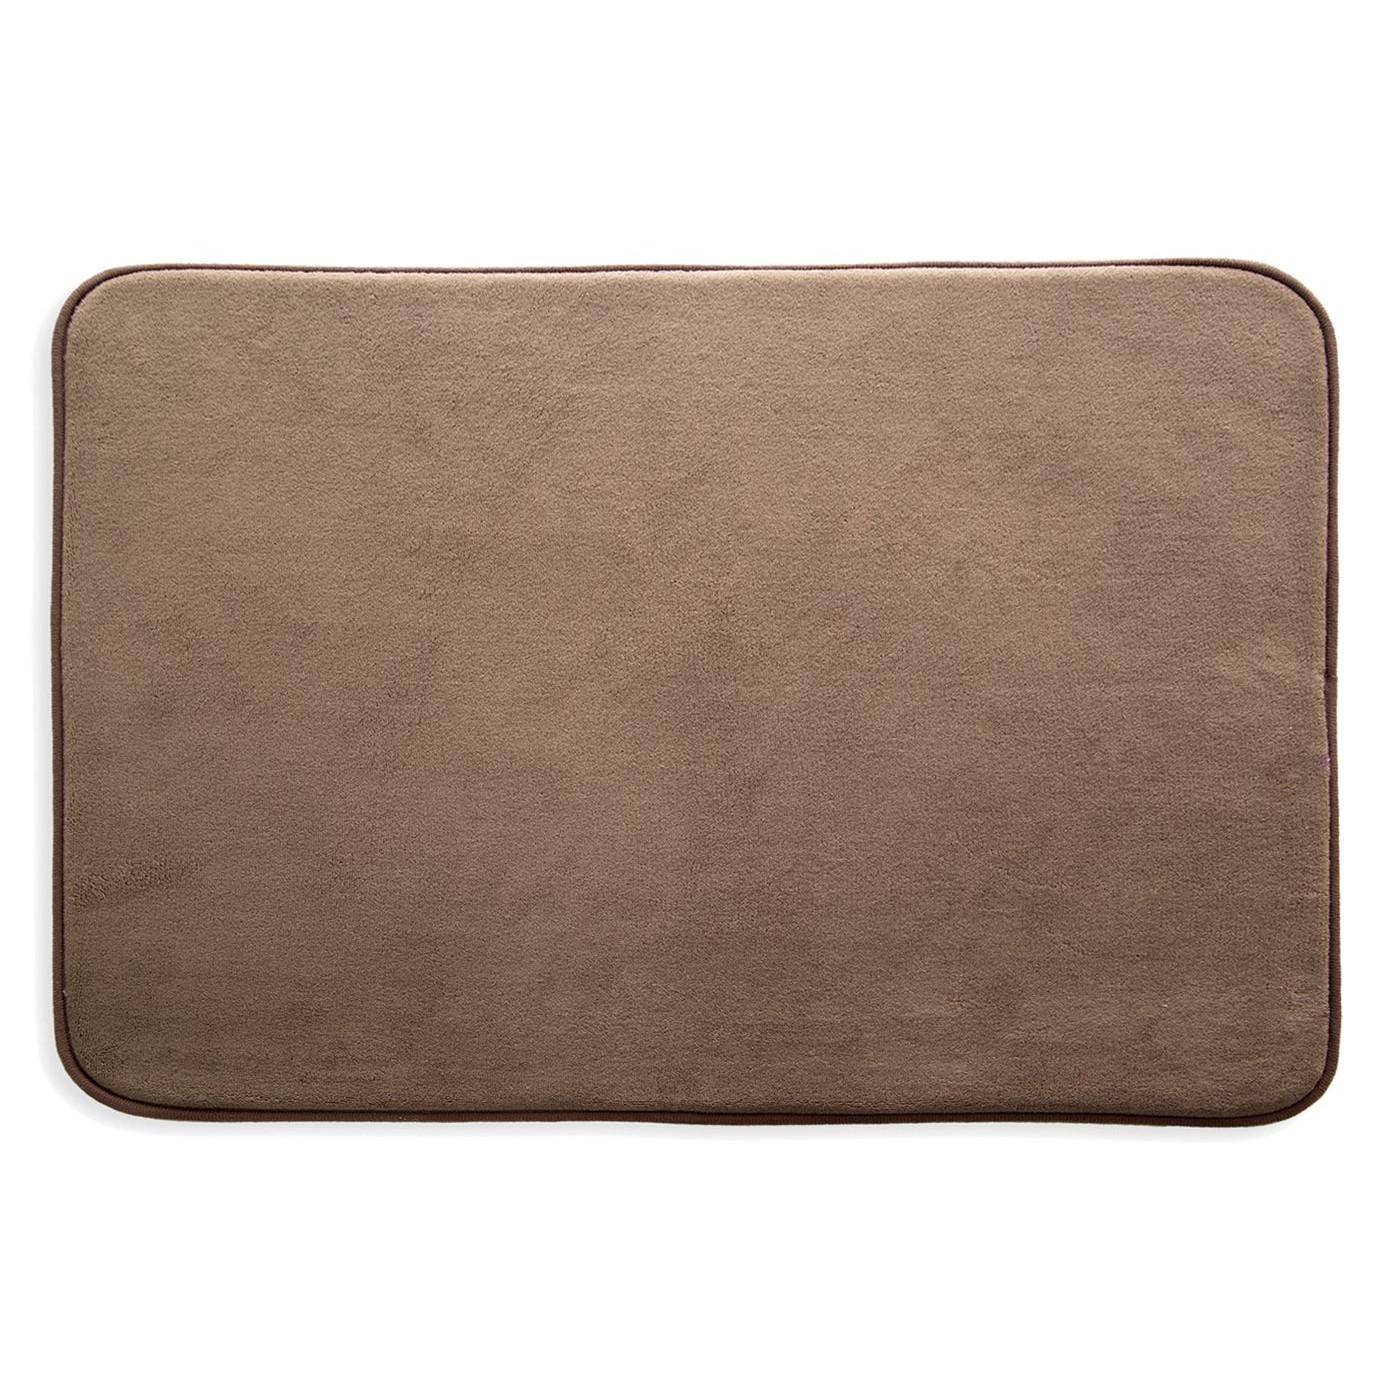 Dywanik gładki łazienkowy brązowy 60x90cm